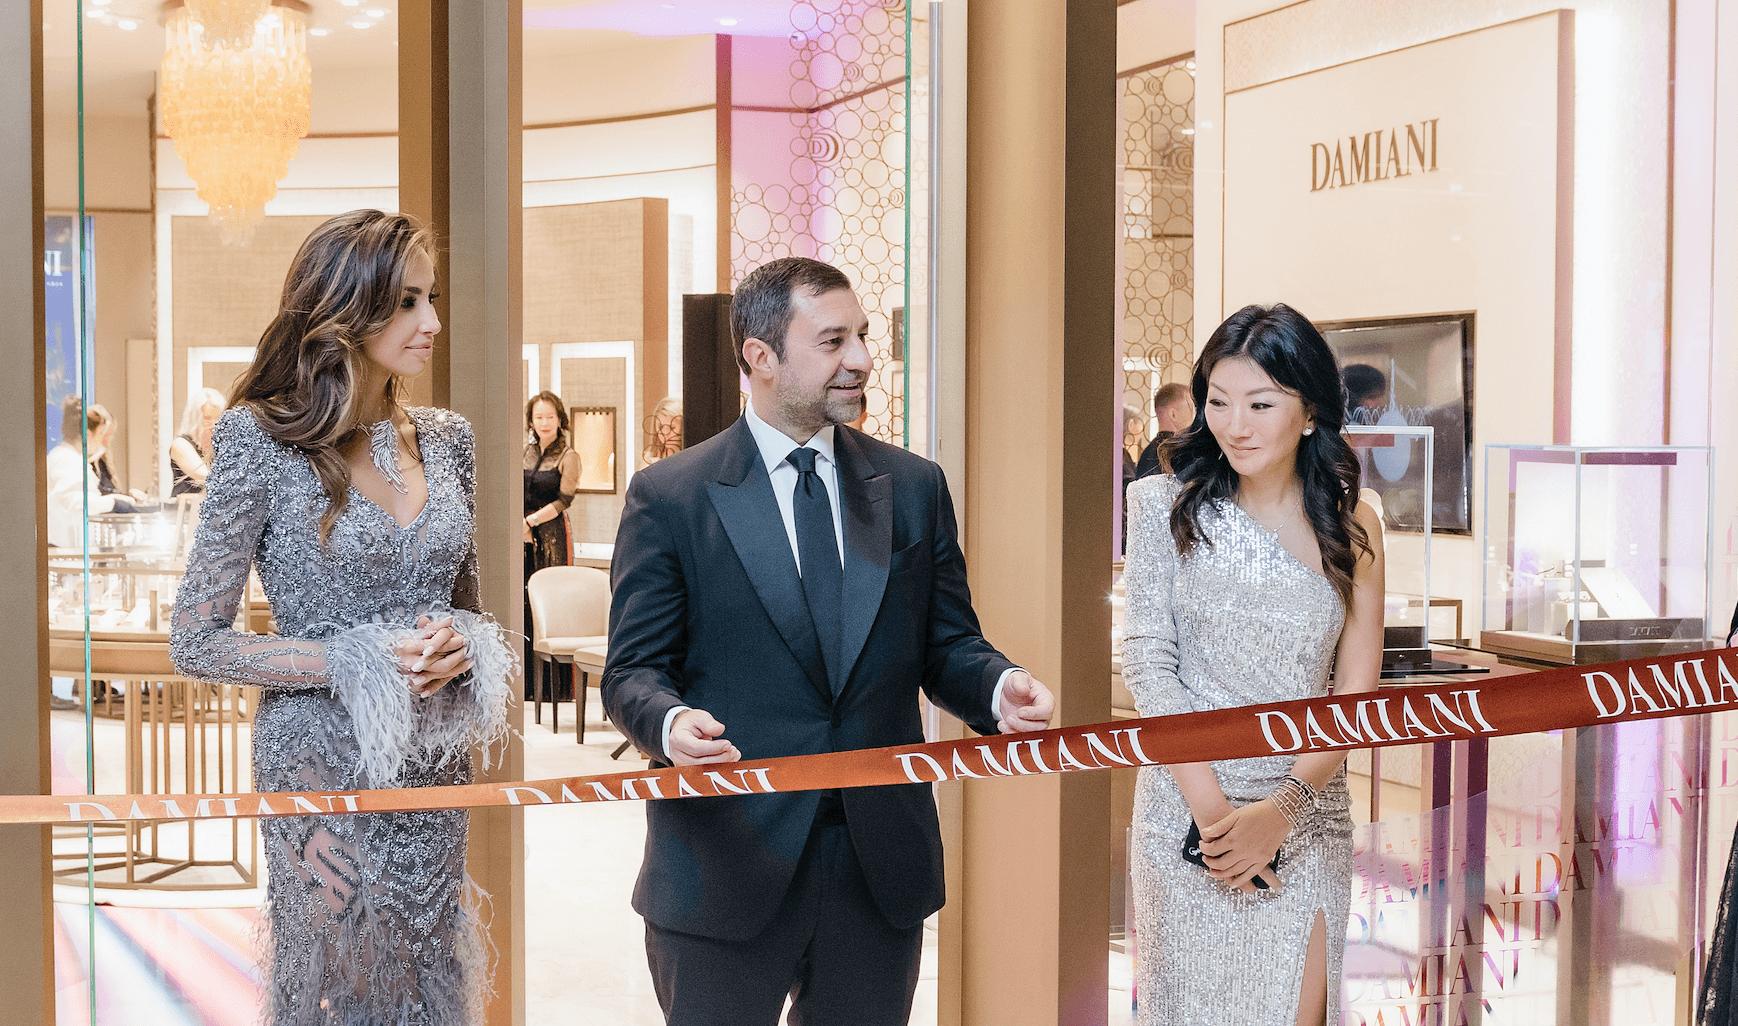 Гала-вечер в честь открытия бутика Damiani в Talan Gallery